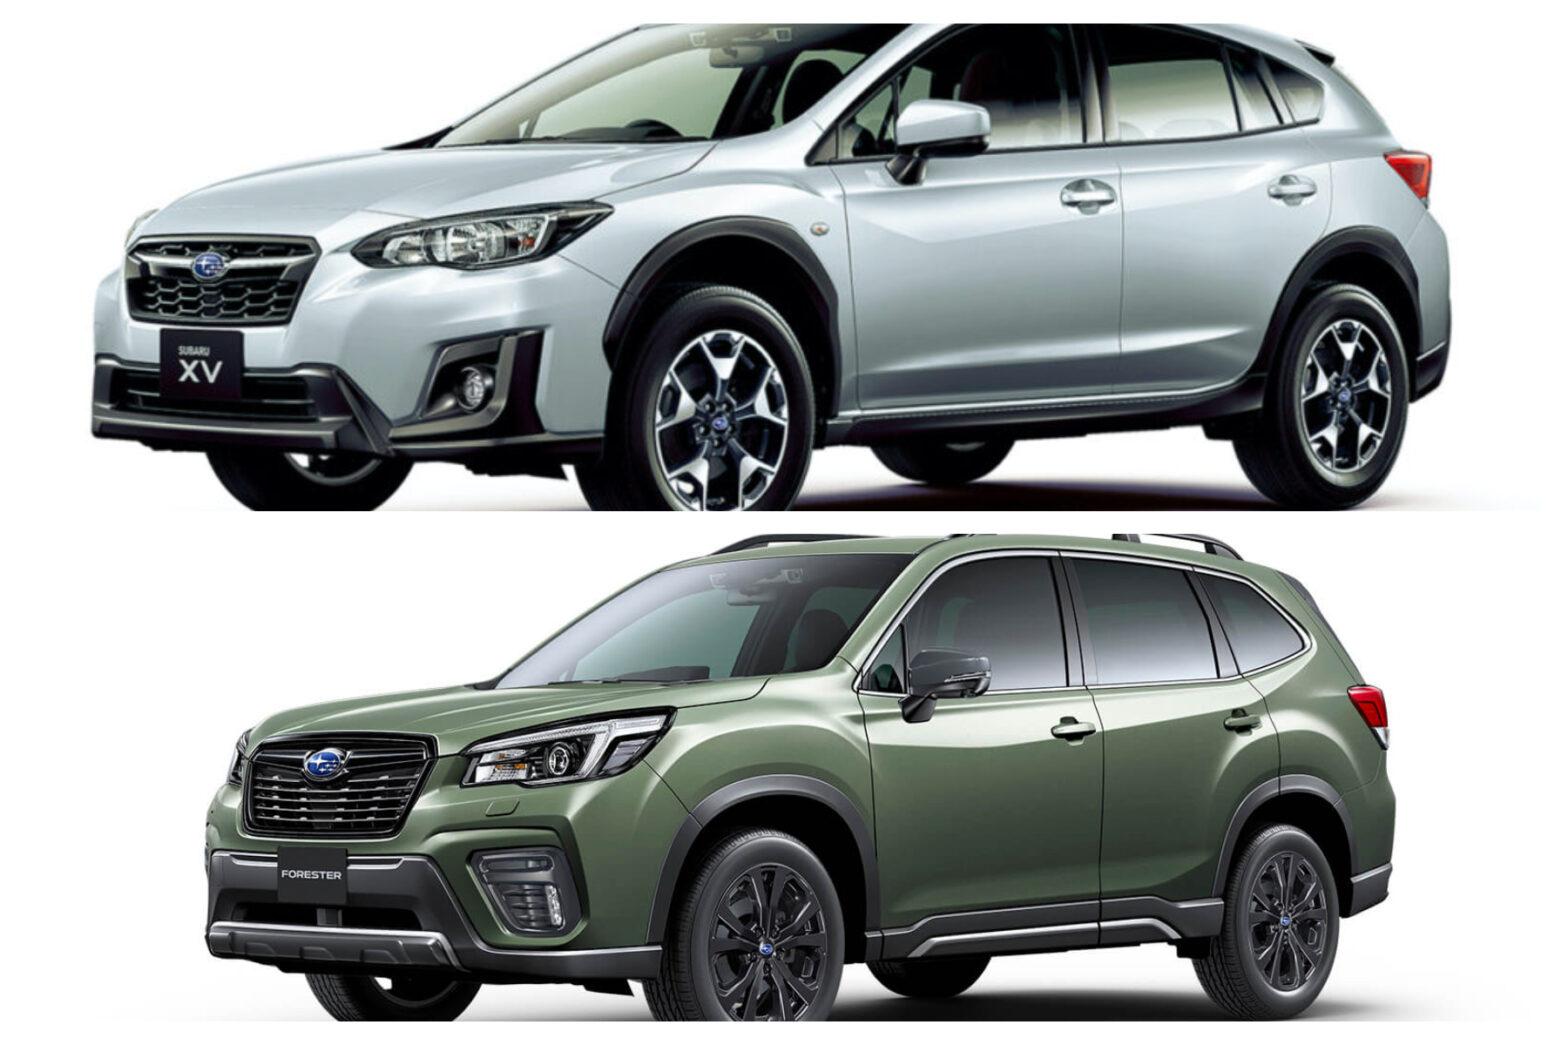 【スバルのSUV】新車全2車種一覧比較&口コミ評価 2021年最新版